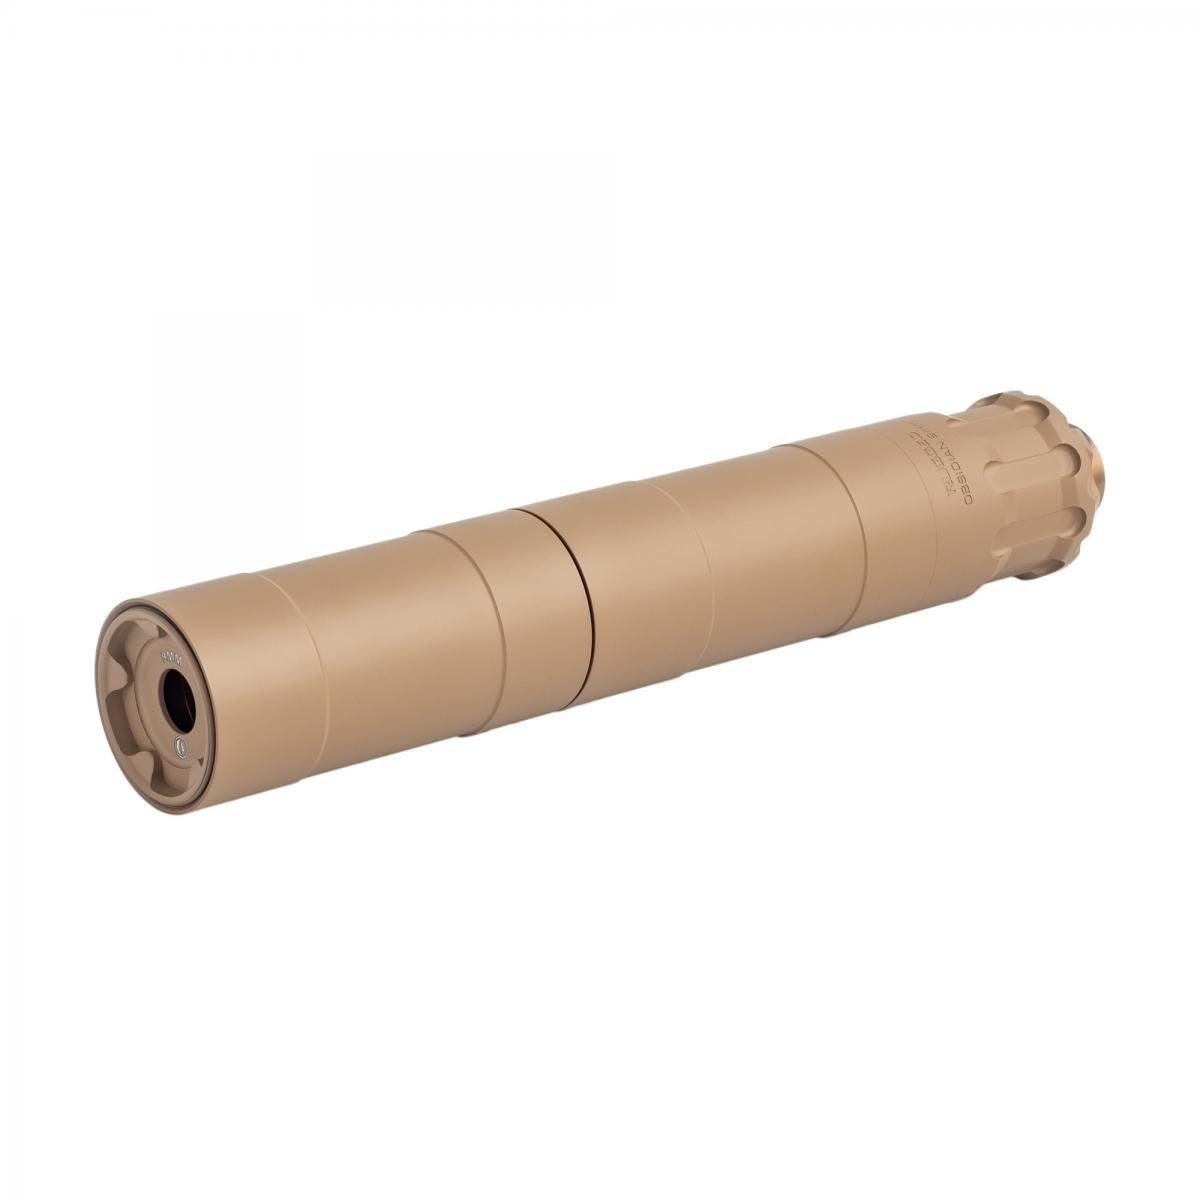 Rugged Suppressors Obsidian9 9mm 859383006600